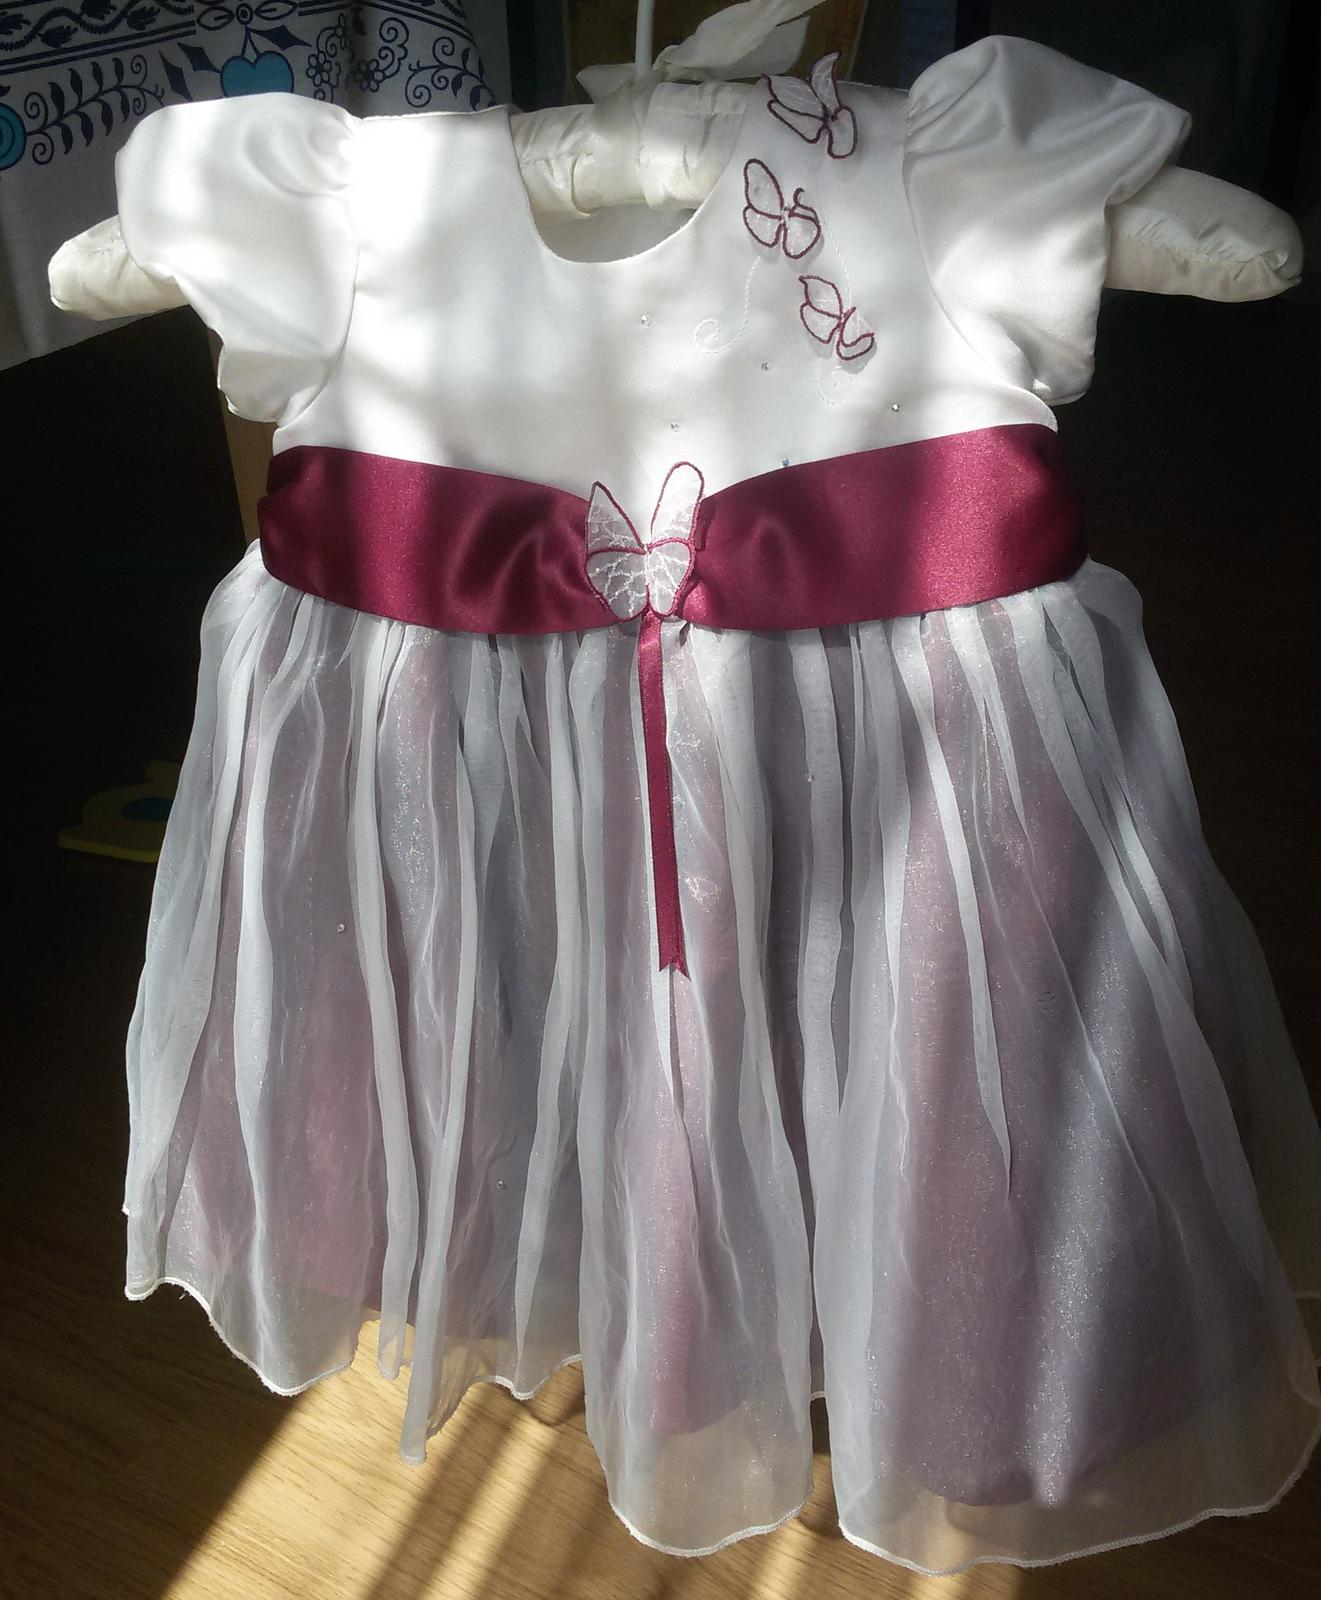 šaty pro družičku vel 80 - 86 Wedding collection - Obrázek č. 1